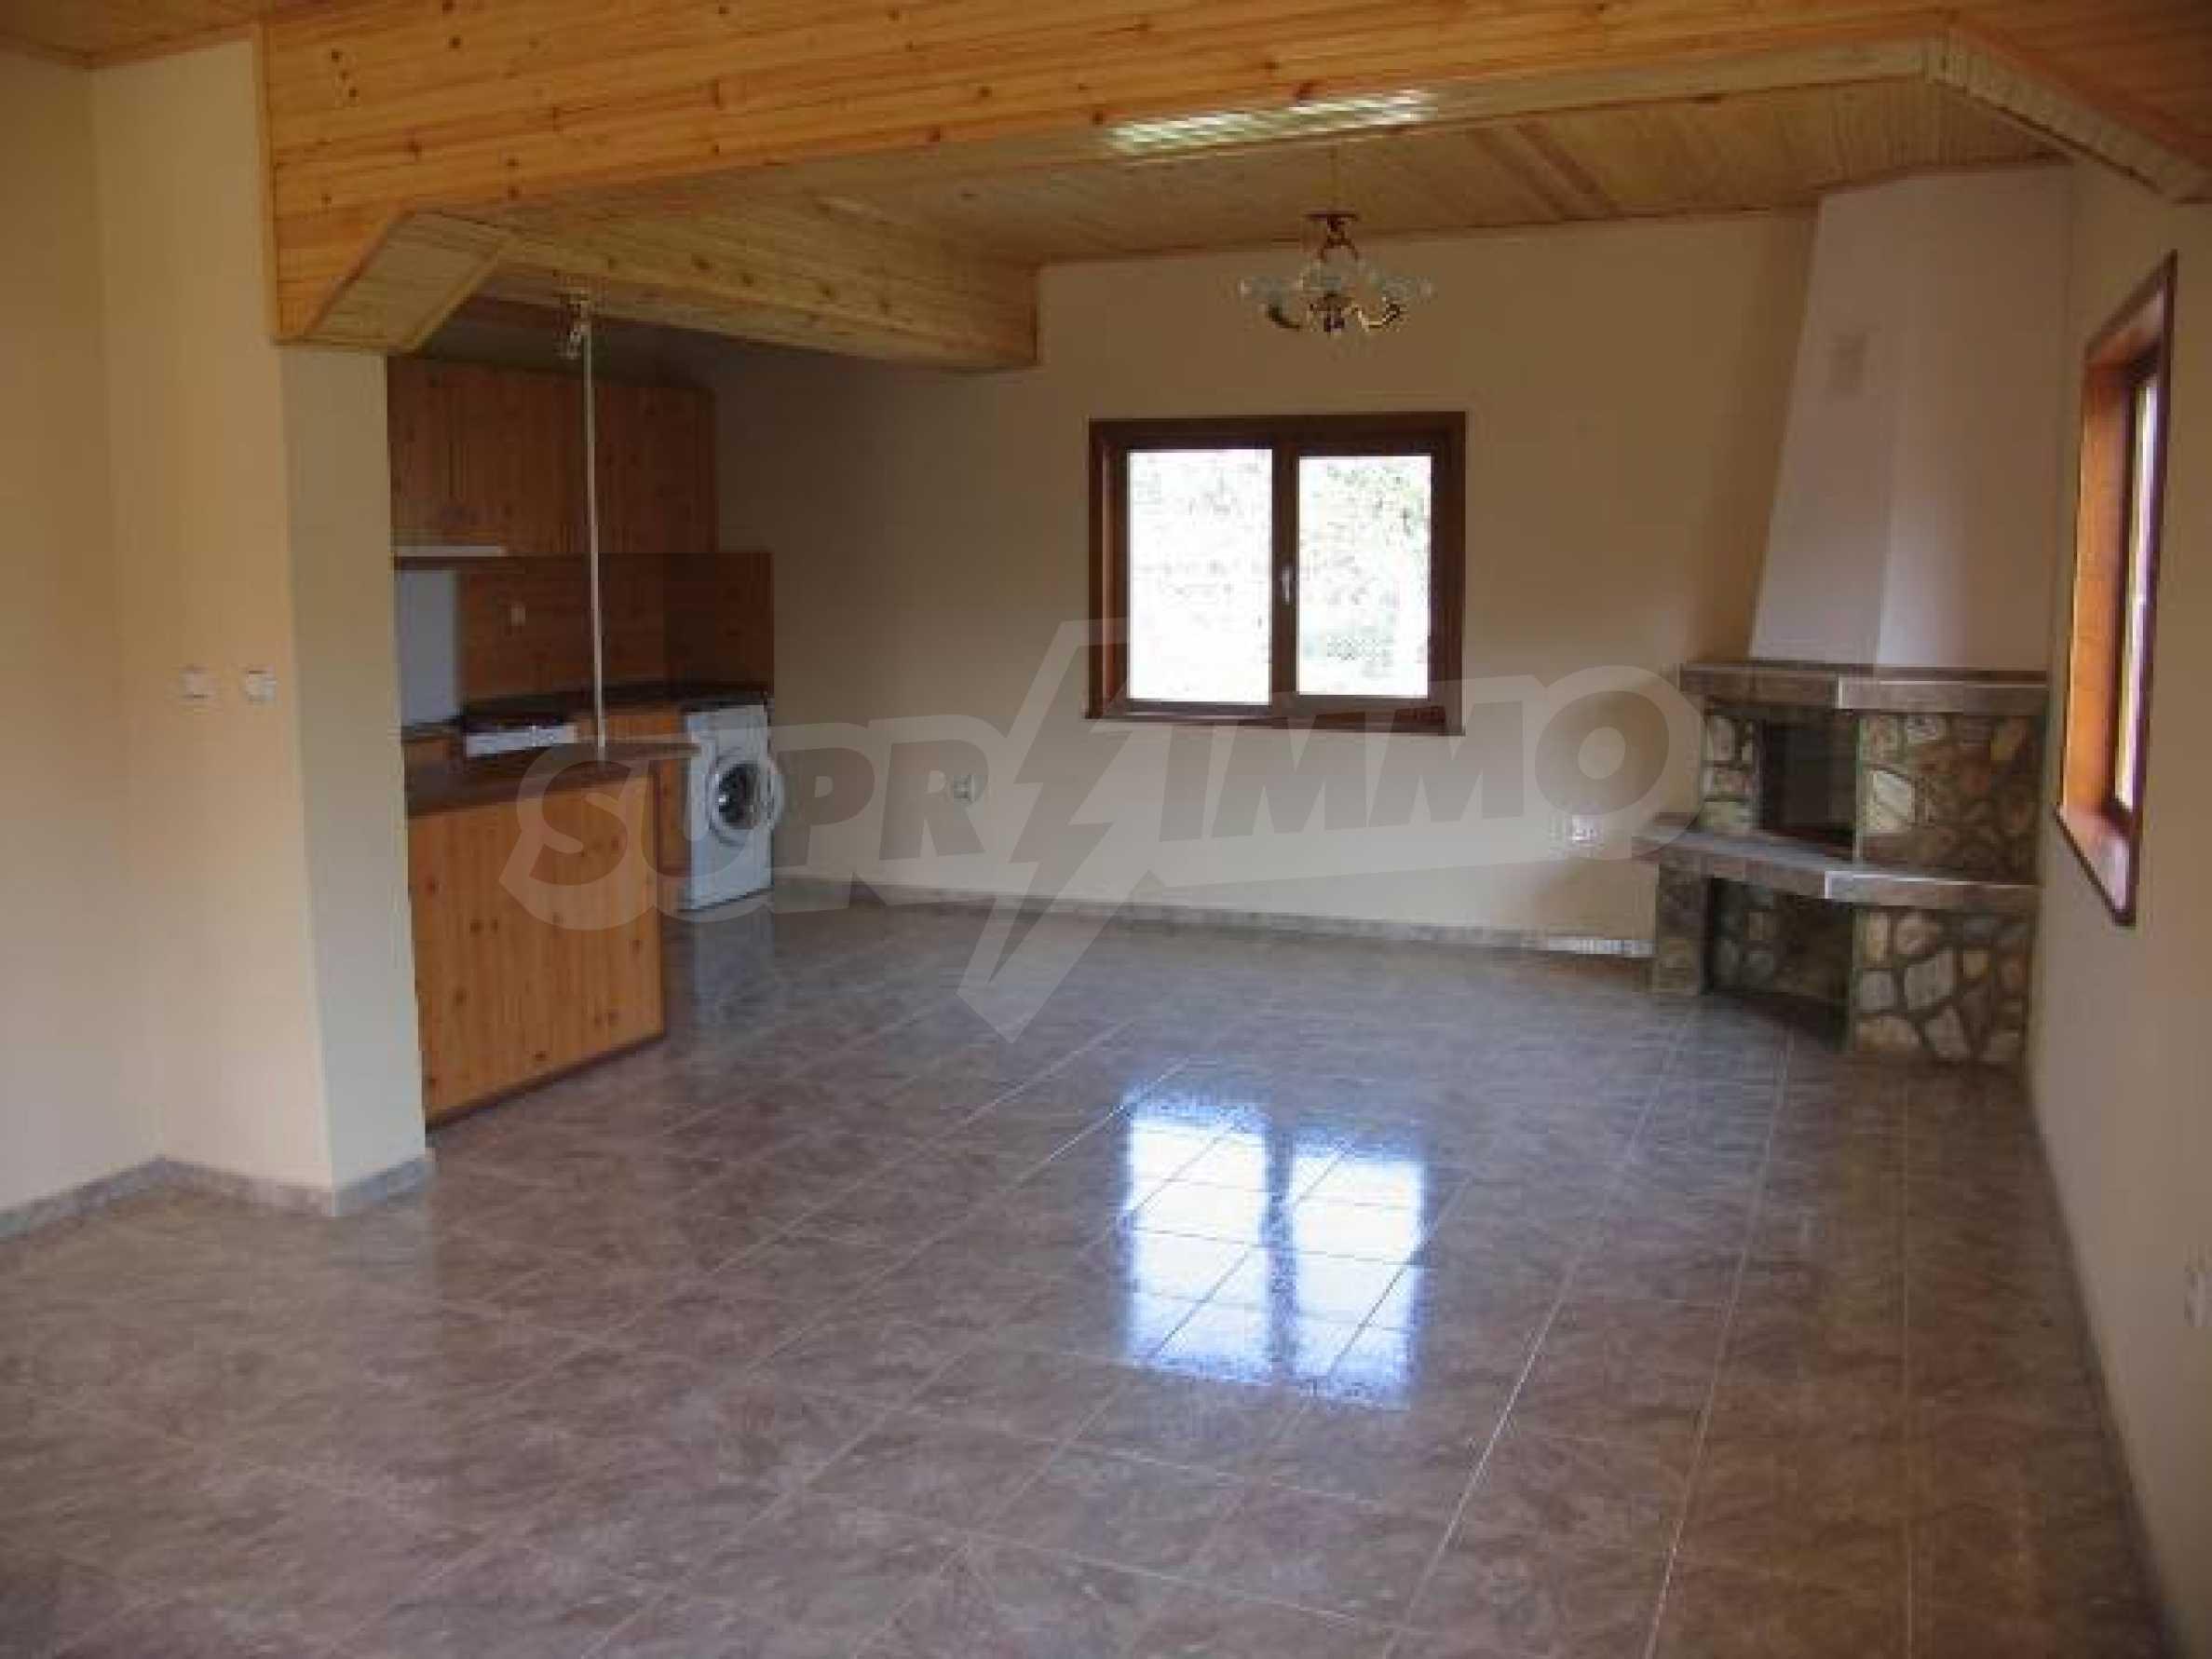 Два дома для продажи в Stefanovo деревне 25 км. от Албена 10